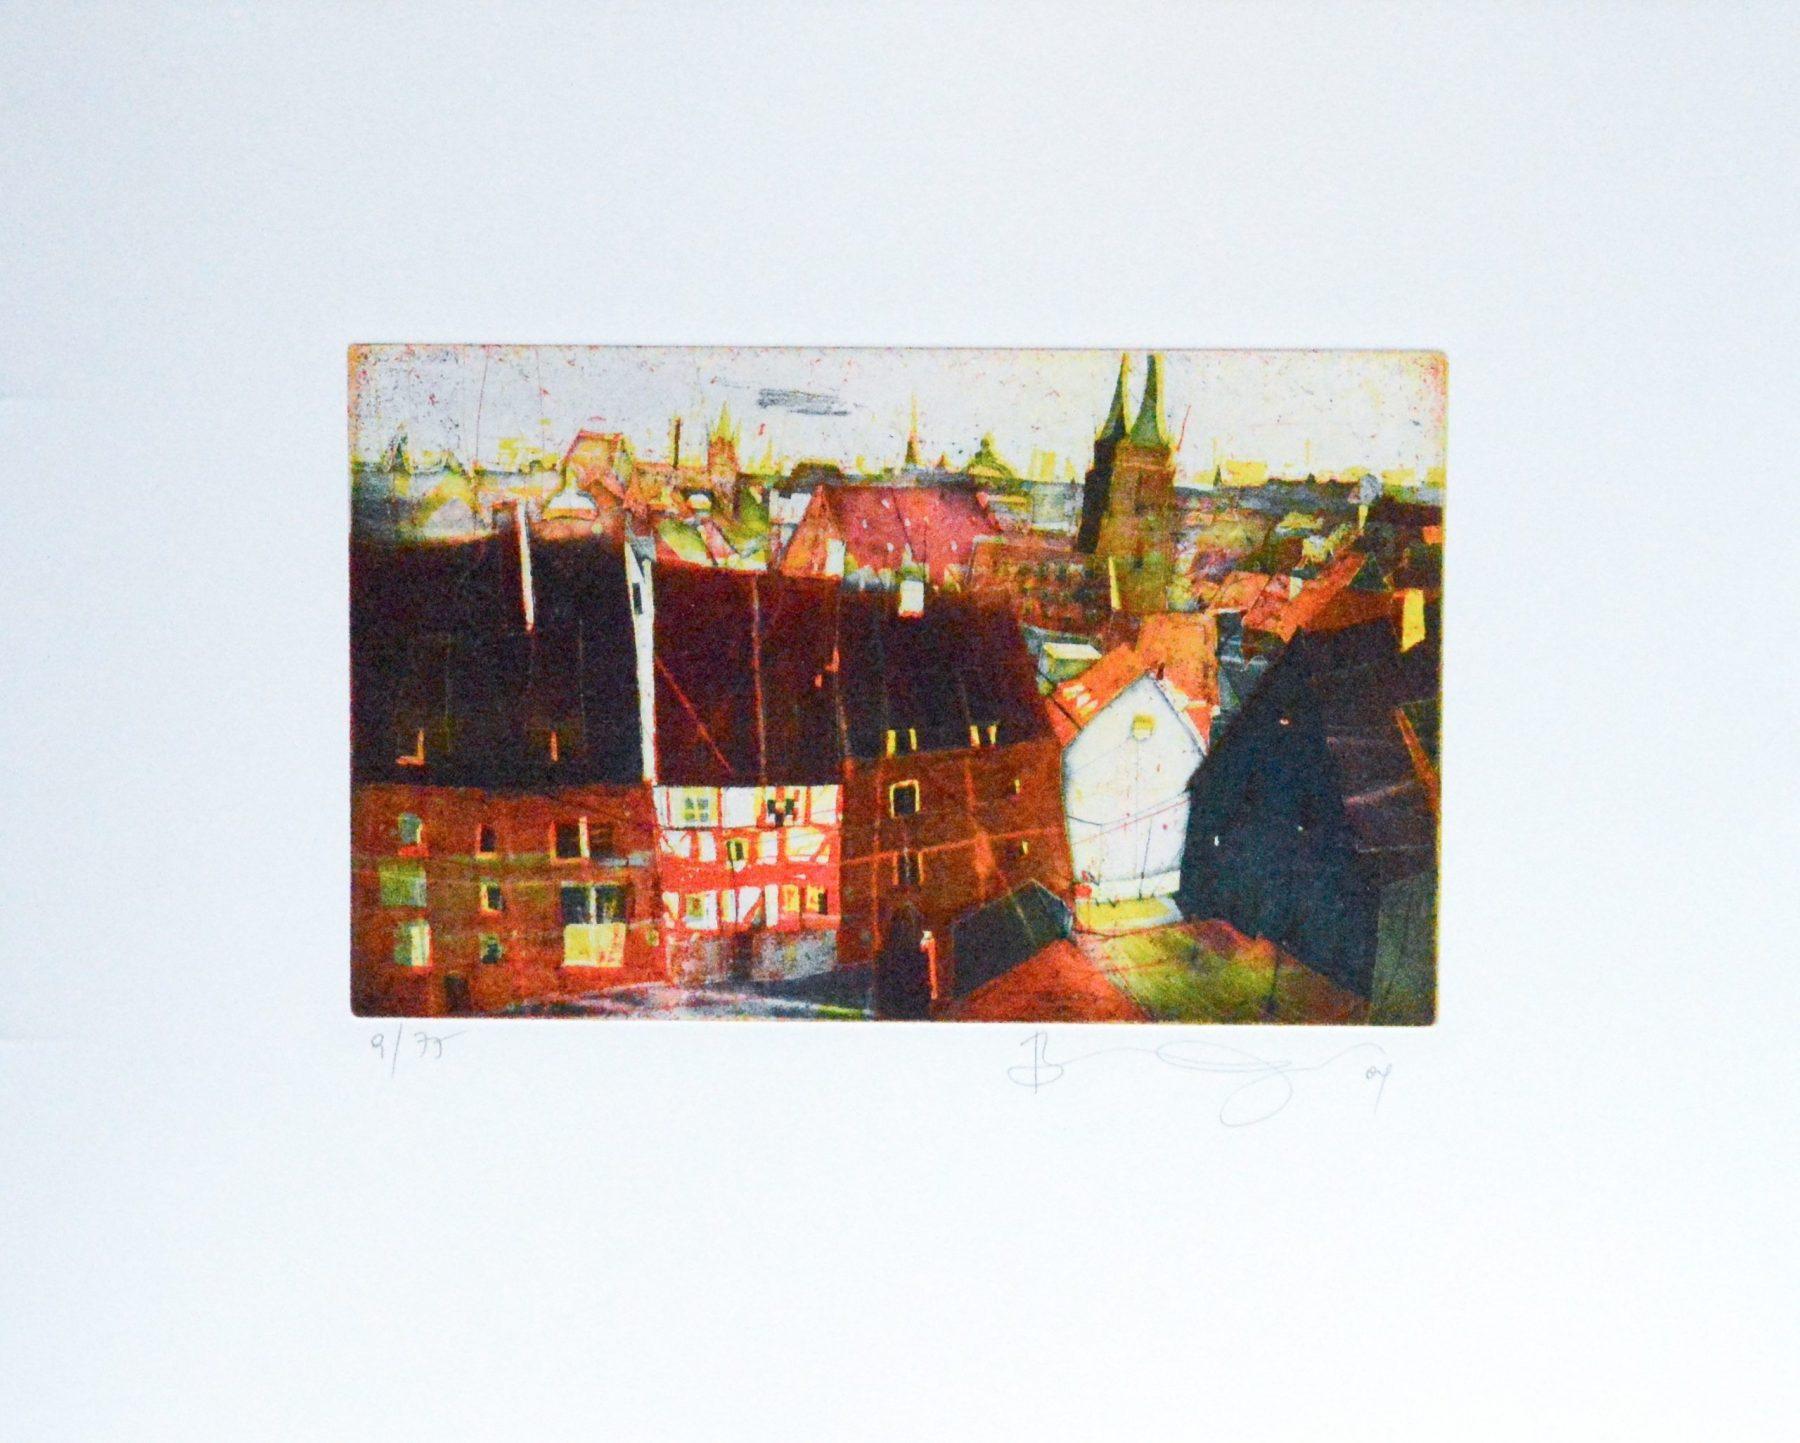 Nürnberg von der Burg II - Vogel, Bernhard - k-BVG148